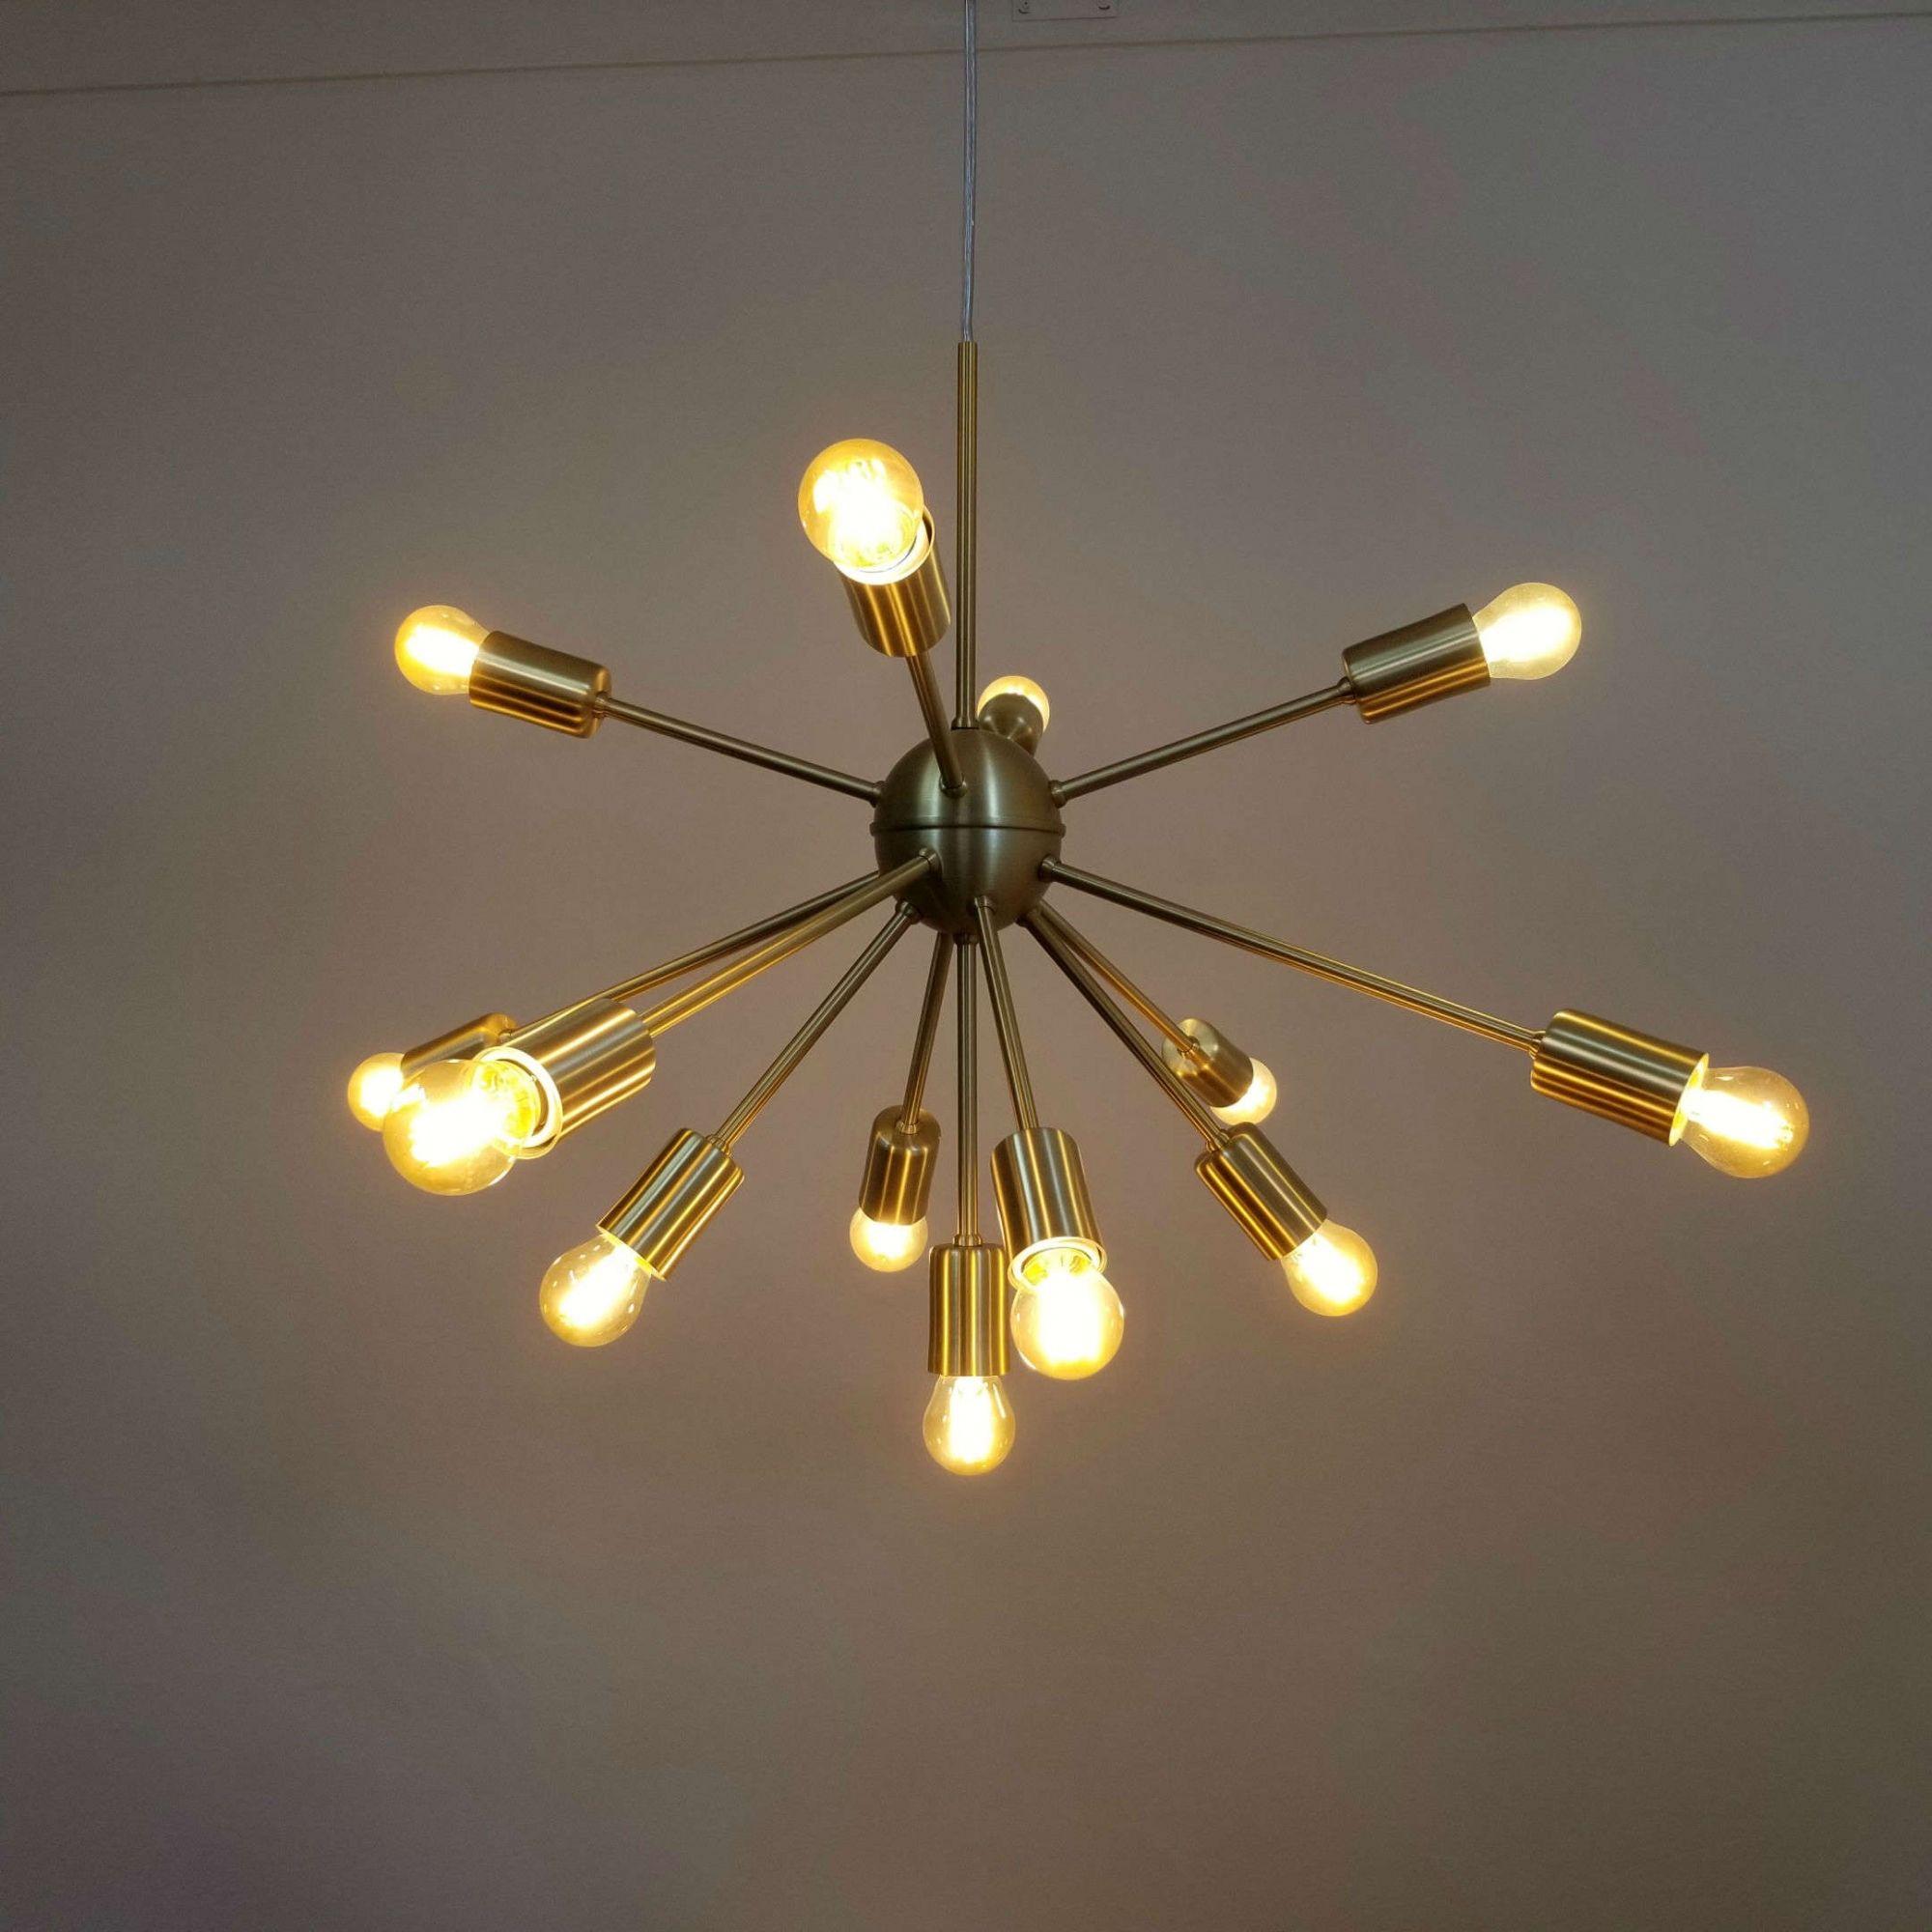 Lustre Pendente Moderno Sputnik Dourado - 13 Lâmpadas (Não Inclusas)